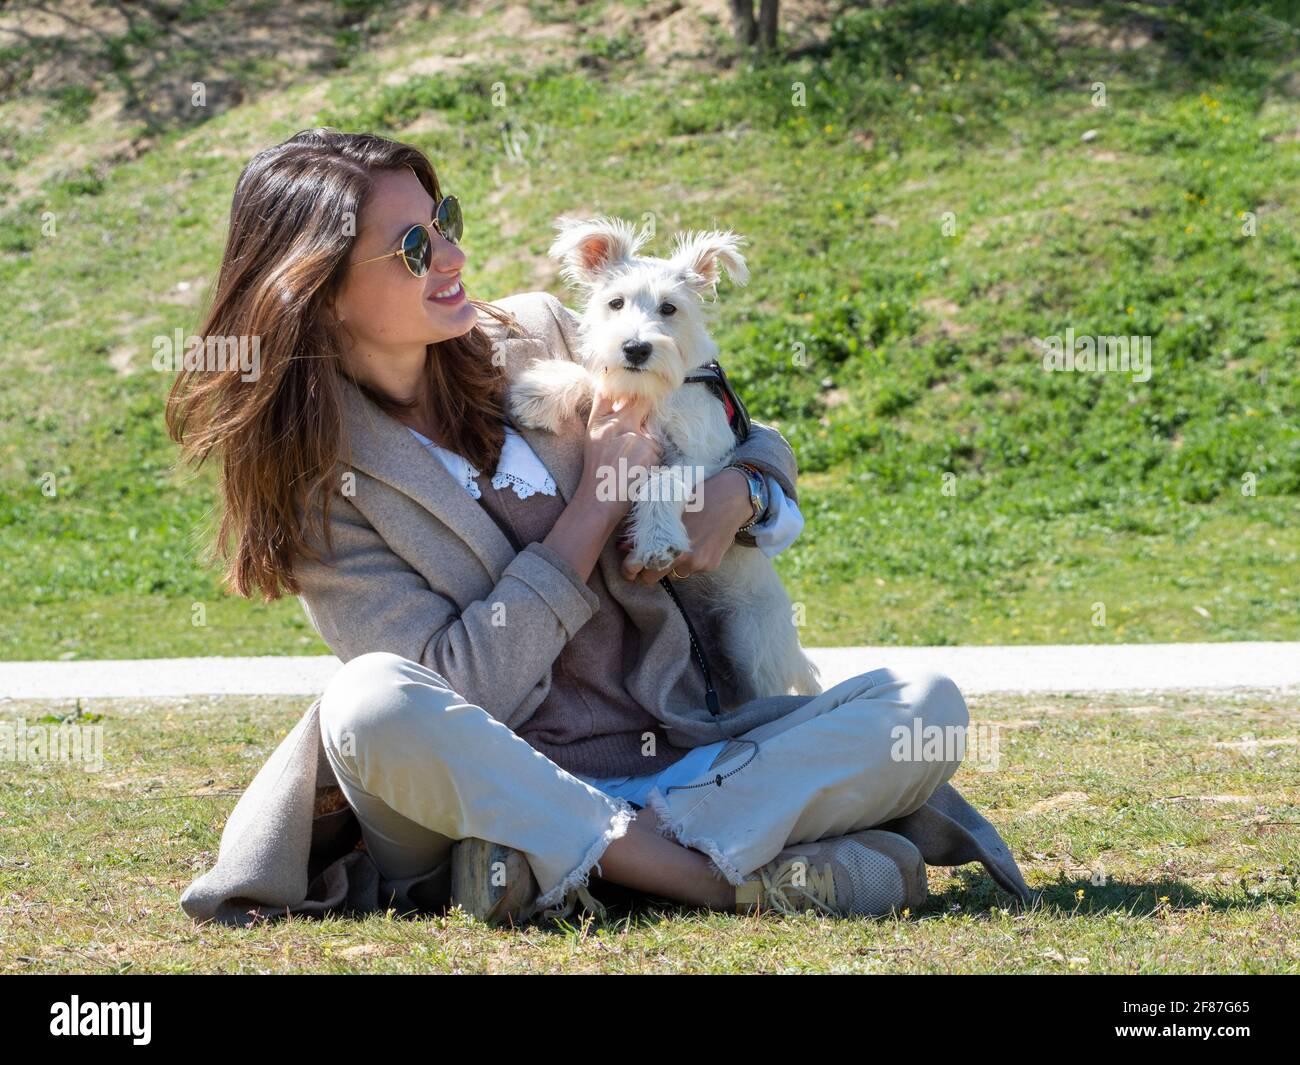 Jeune femme assise sur le terrain, passant du temps avec son chiot schnauzer blanc. Banque D'Images